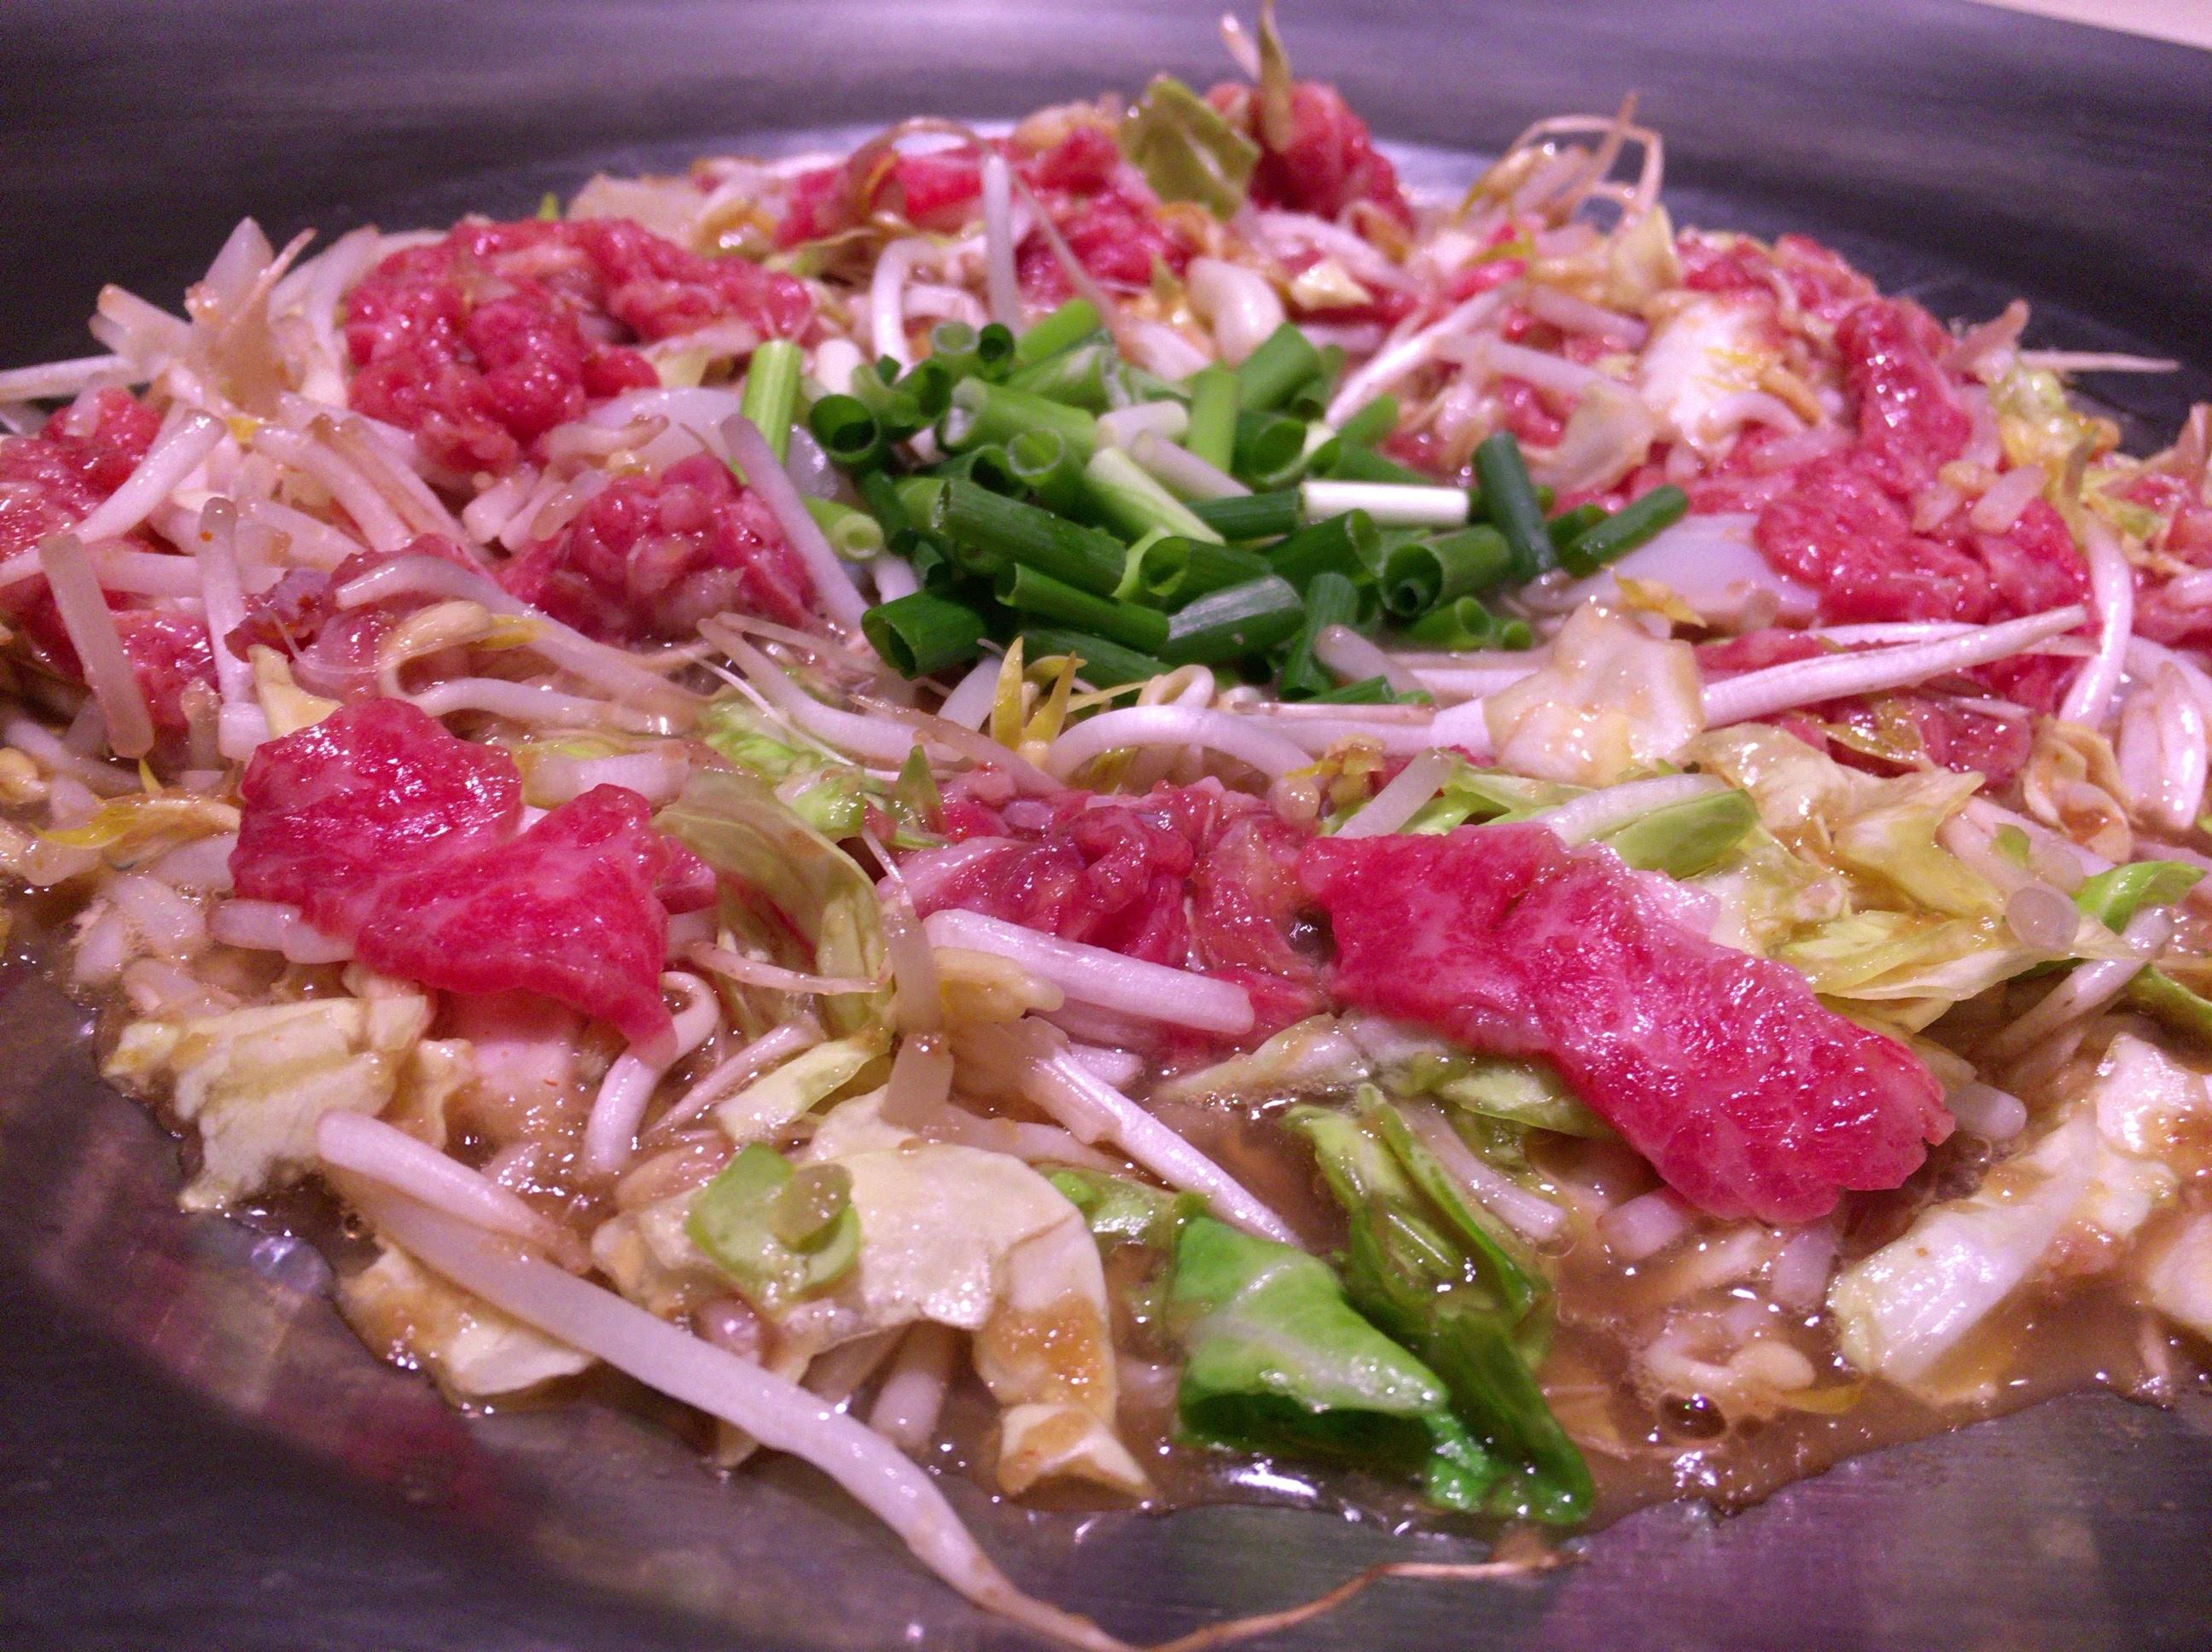 牛ちゃん本店 〜「炊き肉」鹿児島発祥の肉料理の本家へ。大人数で肉を突っつくと楽しい鍋のような料理だった!